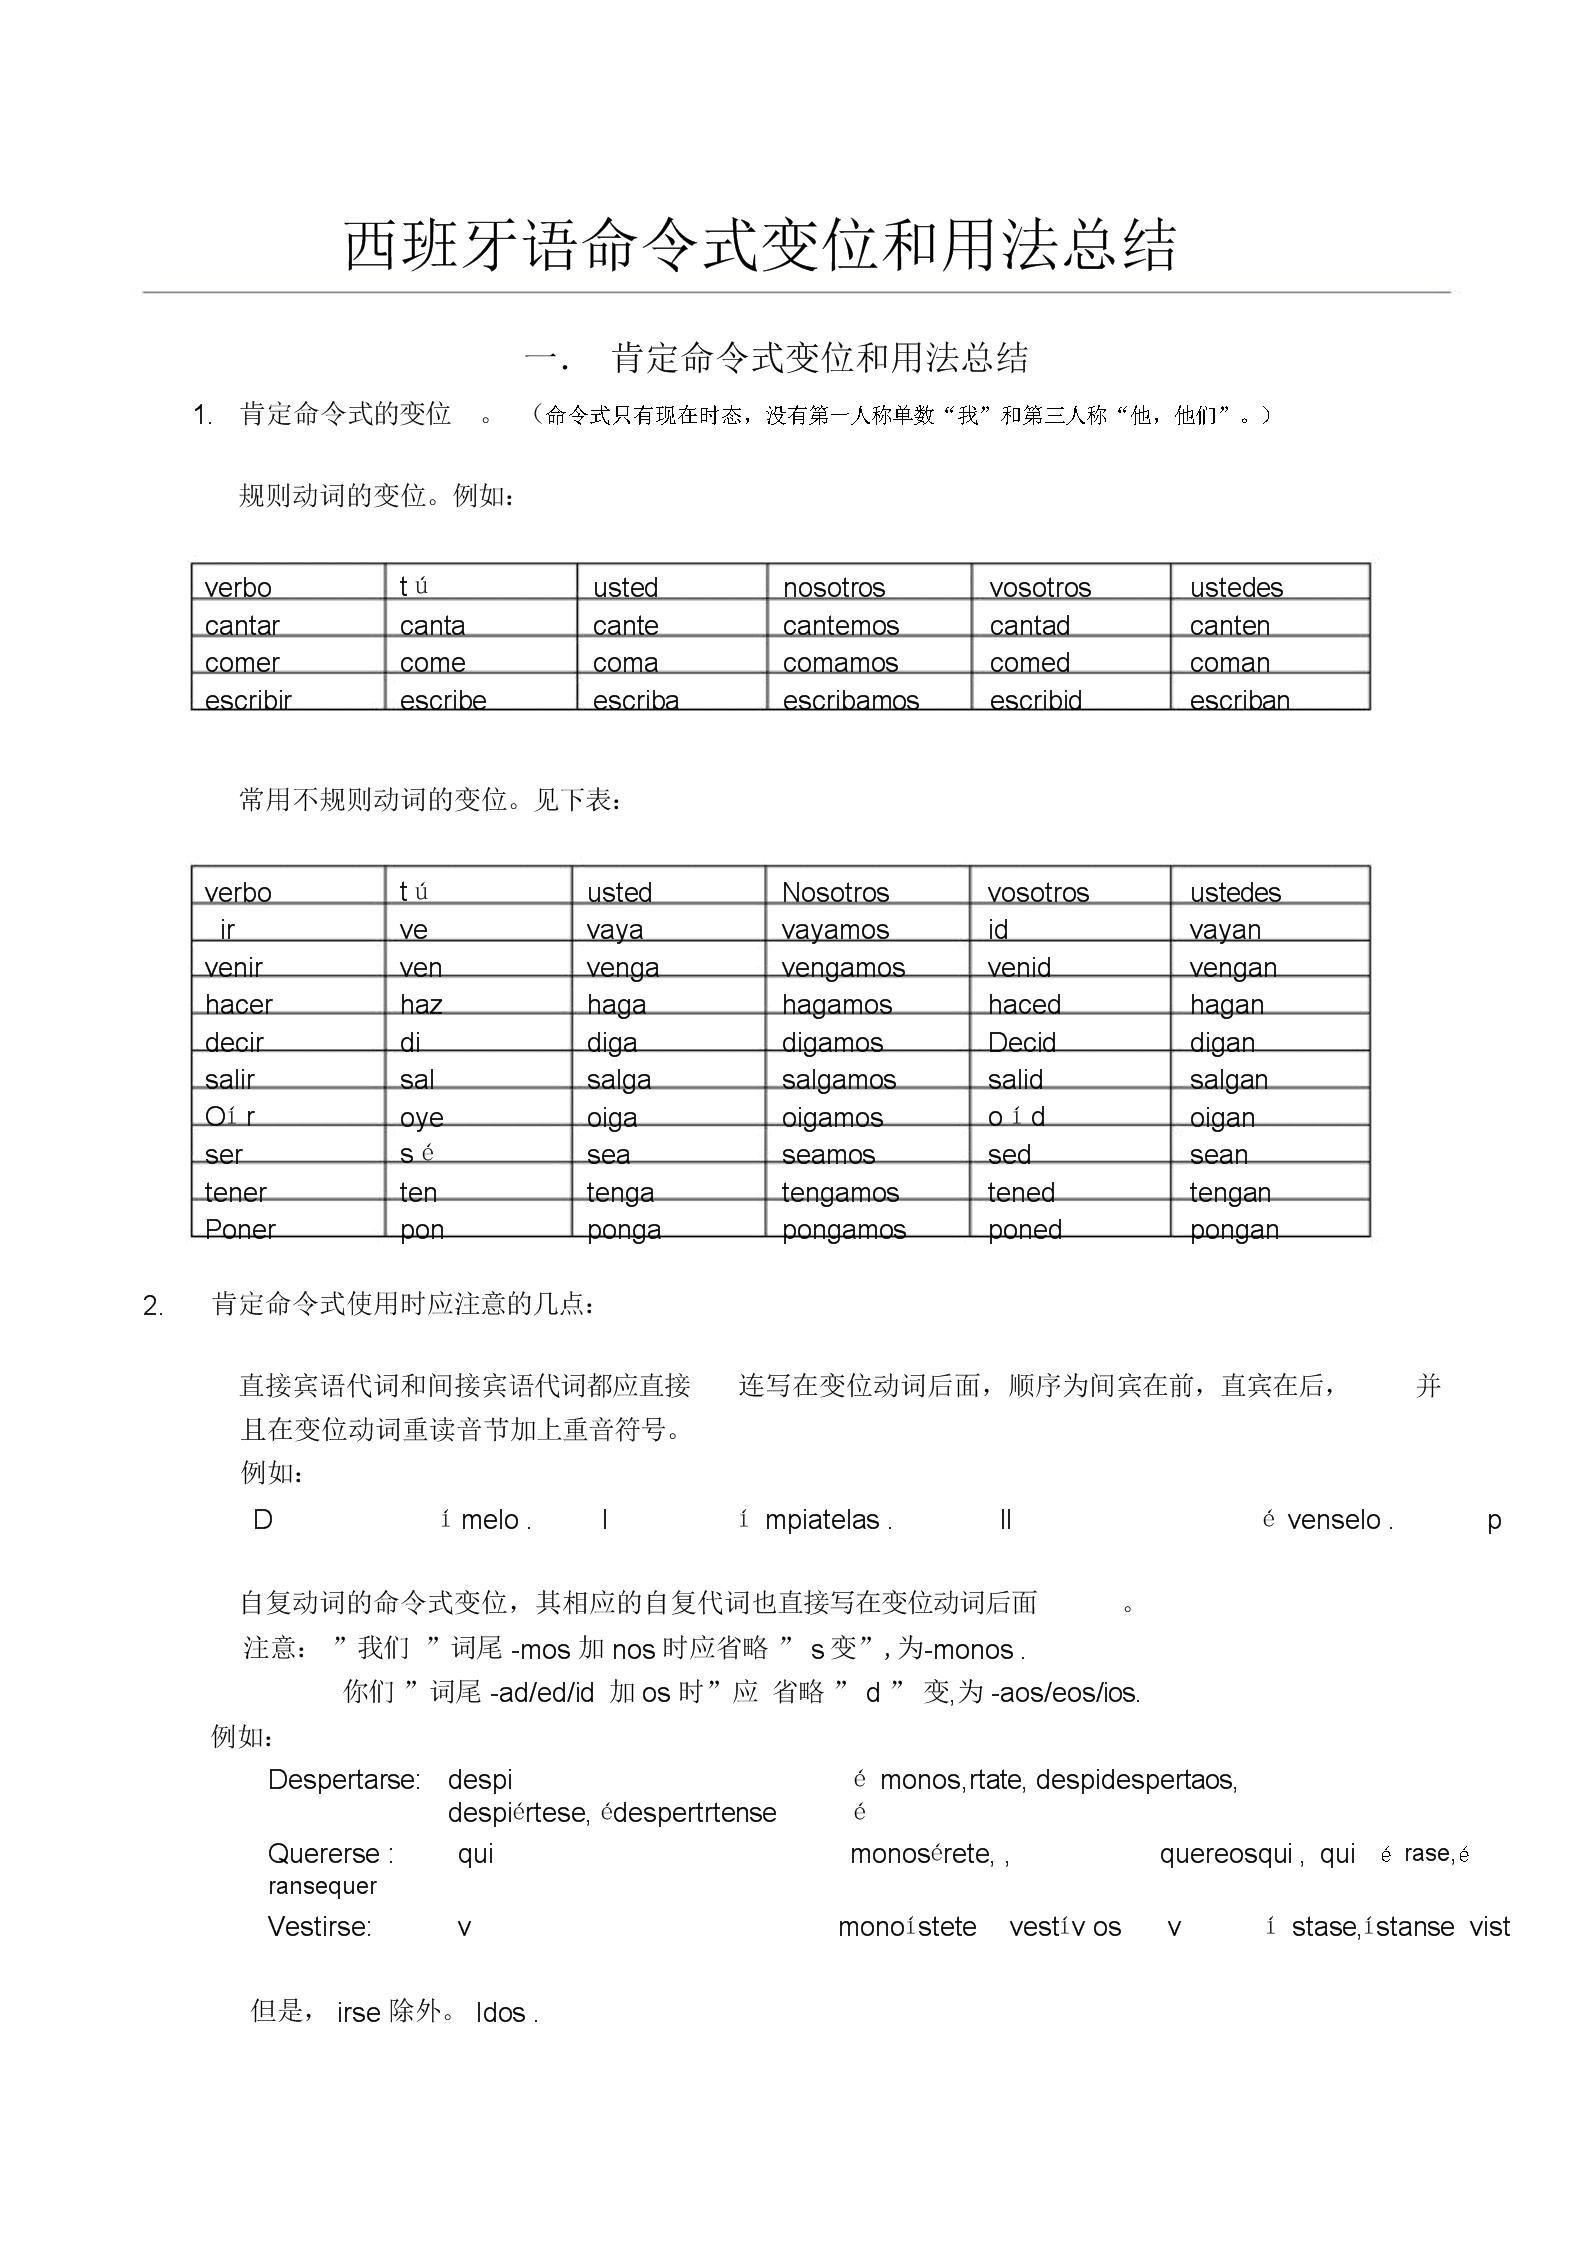 西班牙语命令式变位及用法总结计划.docx